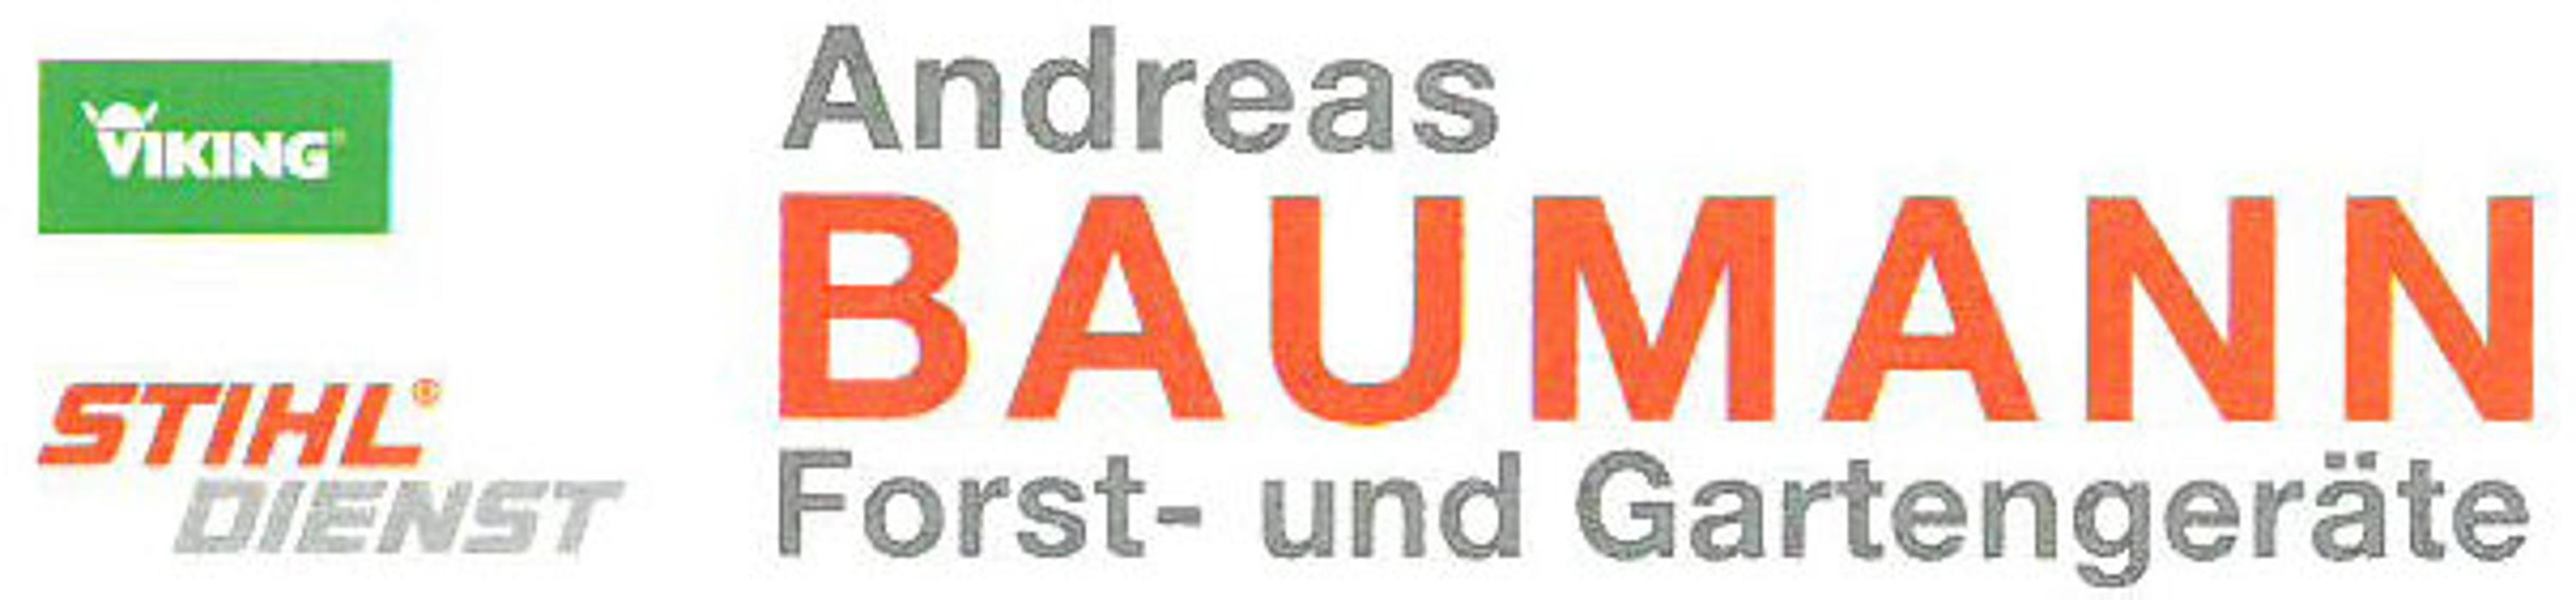 Bild zu Andreas Baumann - Stihl Dienst - Forst- und Gartengeräte in Hanau